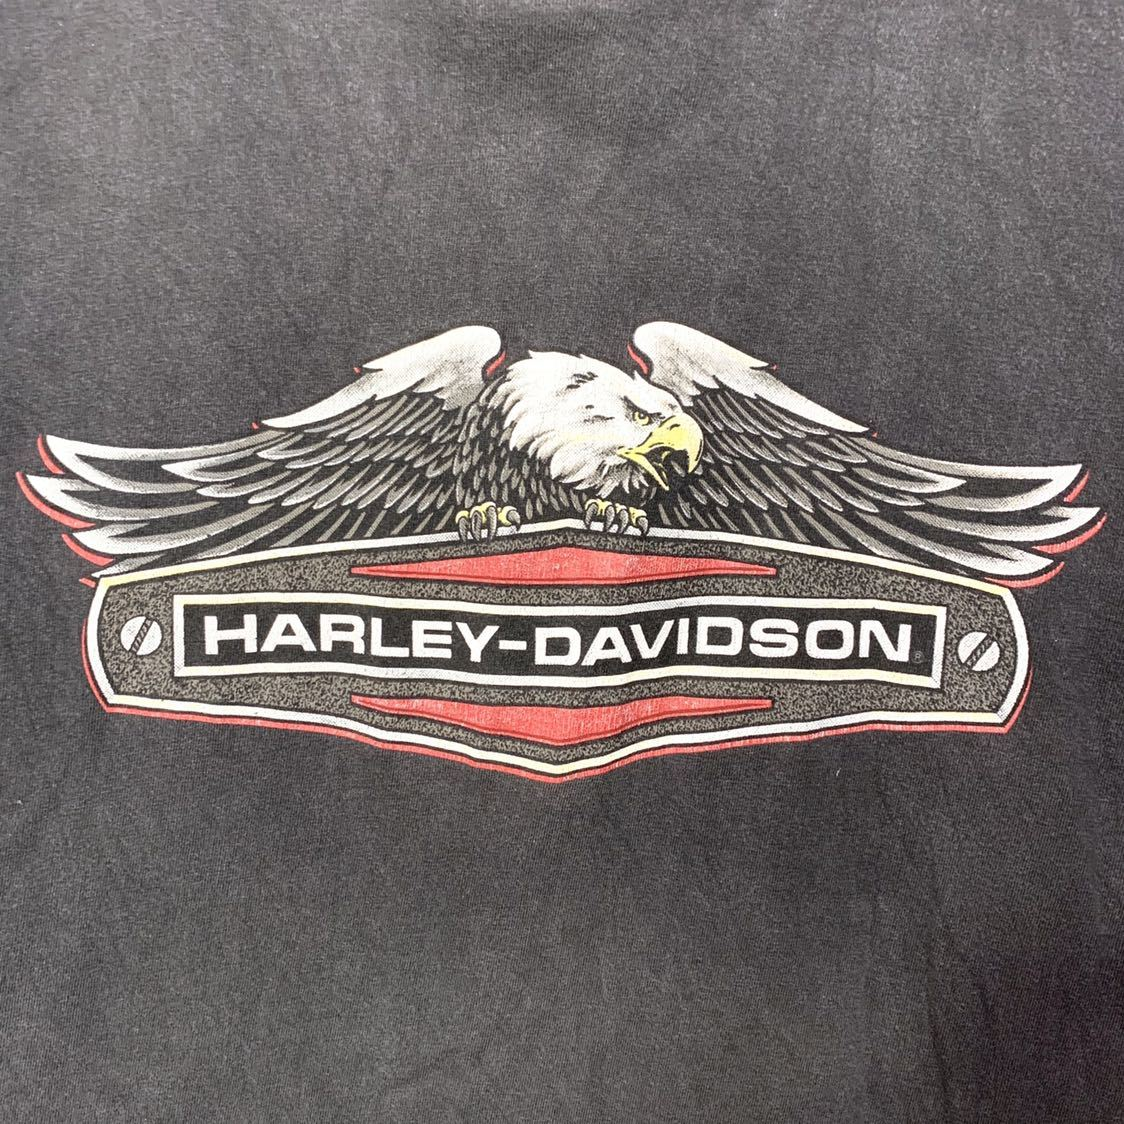 ■HARLEY-DAVIDSON ハーレーダビッドソン CHILLICOTHE OHIO イーグルロゴ プリント 半袖Tシャツ/古着 アメカジ バイカー ブラック 黒色■_画像4